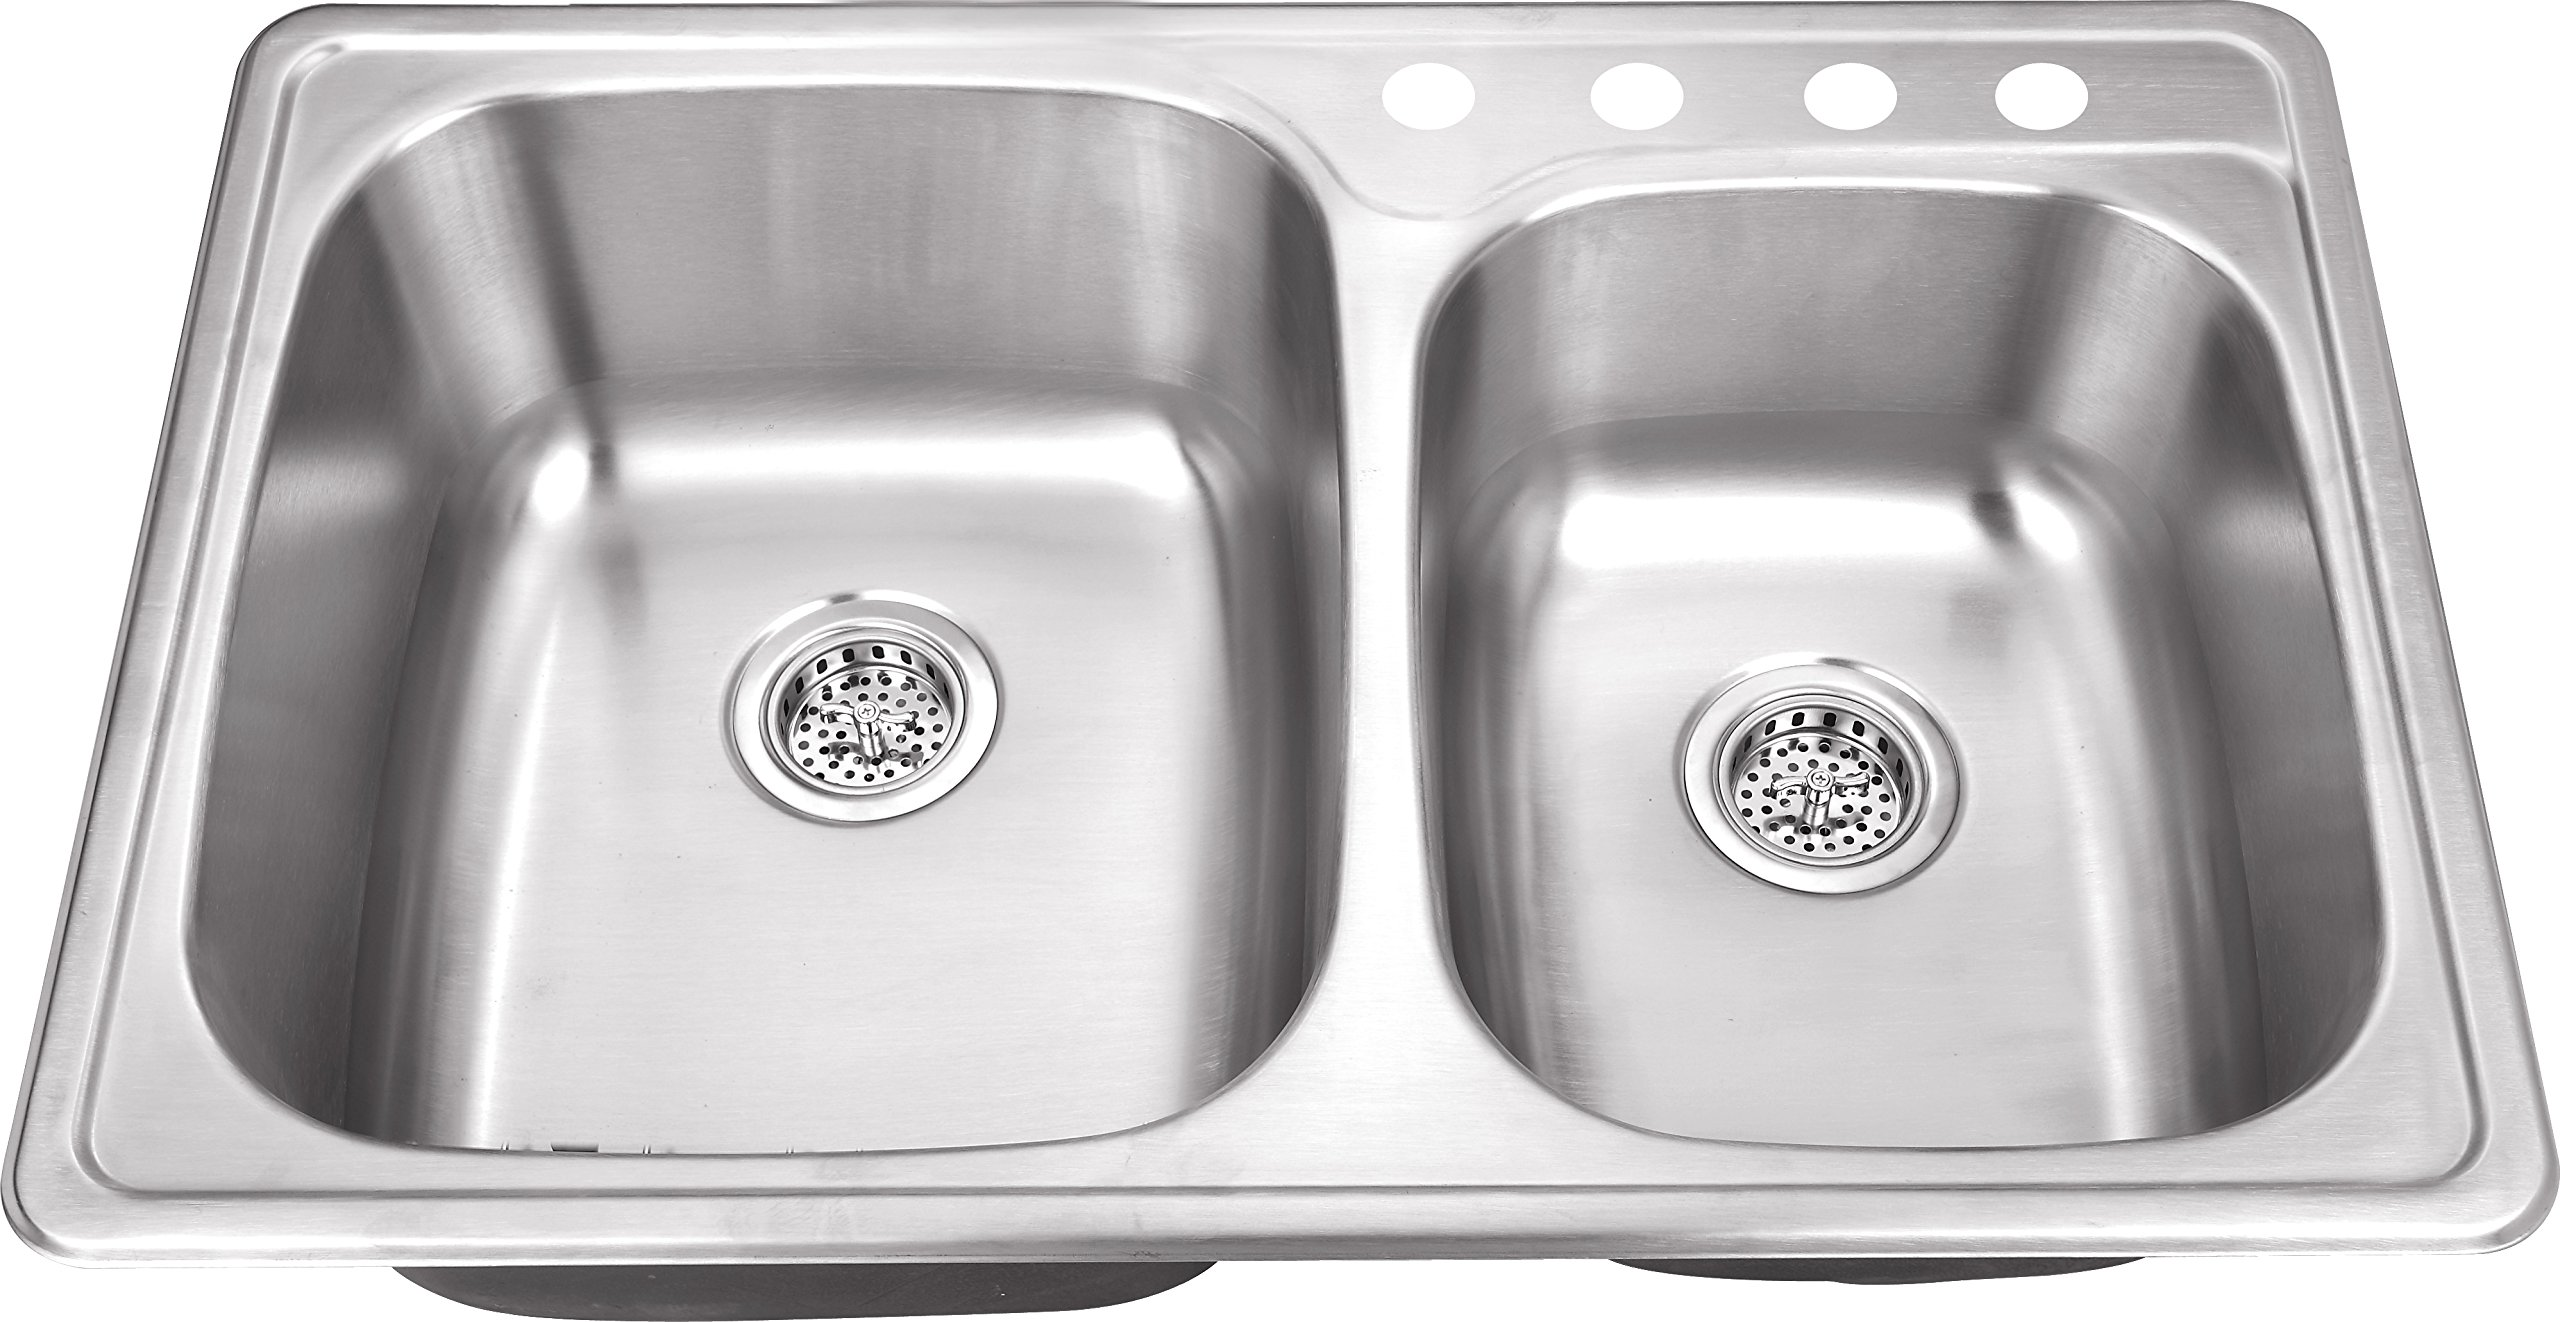 TM6040 33''x22''x8'' Top Mount 60/40 Stainless Steel Kitchen Sink